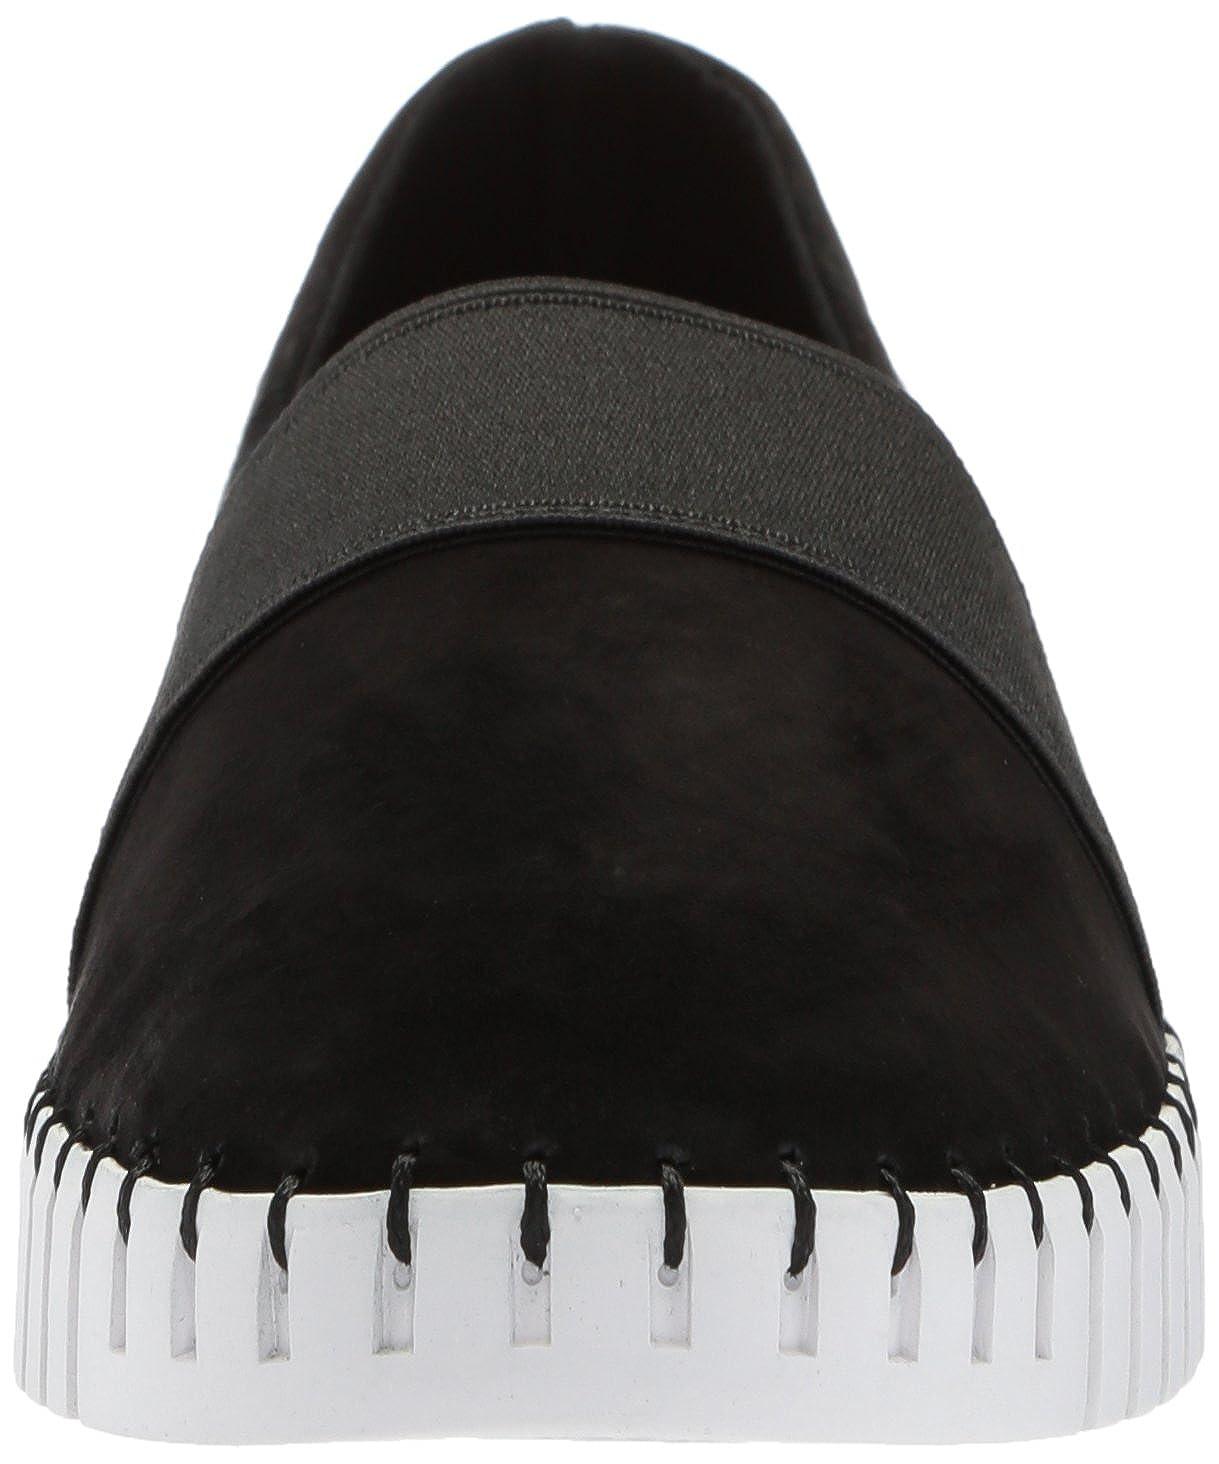 a99b5fd3361 STEVEN by Steve Madden Women's Nc-Sugar Sneaker